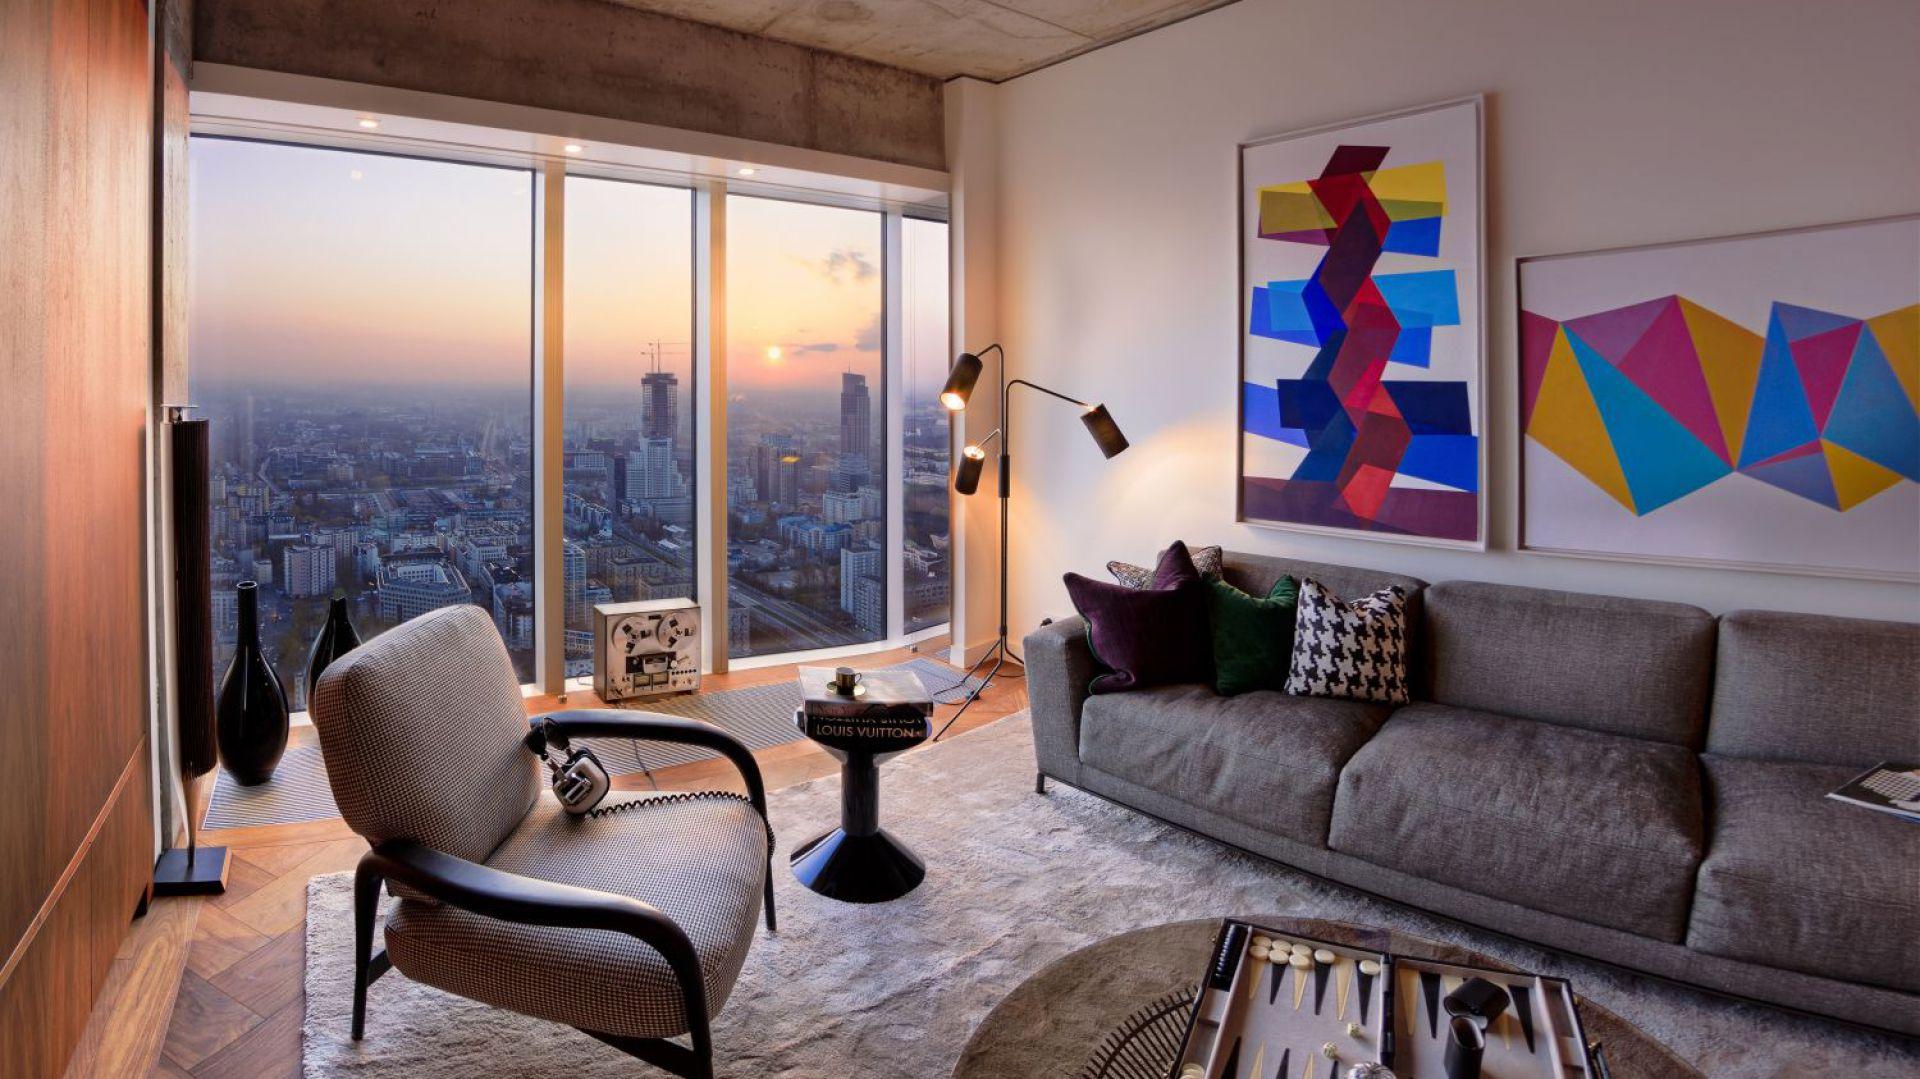 Luksusowe apartamenty zaprojektowała renomowana brytyjska pracownia Woods Bagot. Oprócz najwyżej klasy wykończenia, komfort zapewniają również inteligentne technologie. Fot. materiały prasowe